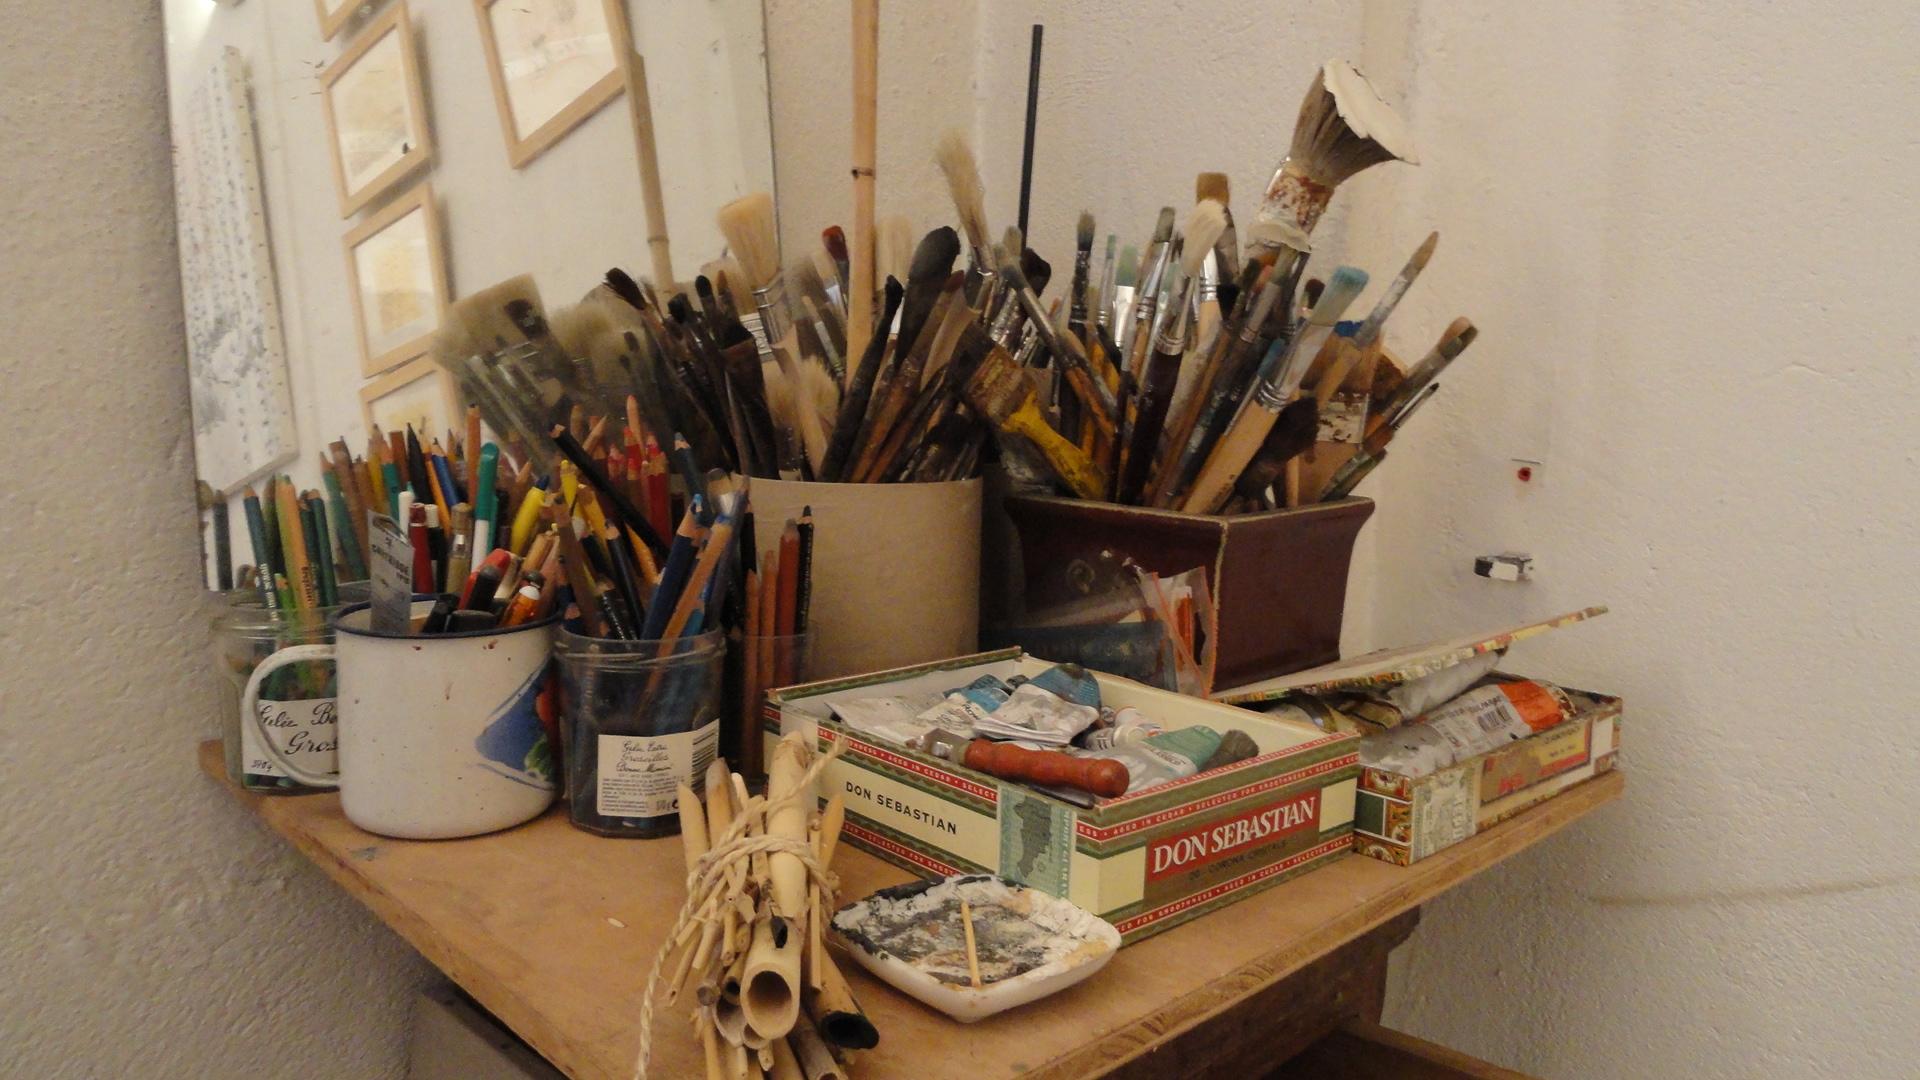 Une fen tre ouverte peinture post le samedi 09 avril 2011 for Une fenetre ouverte